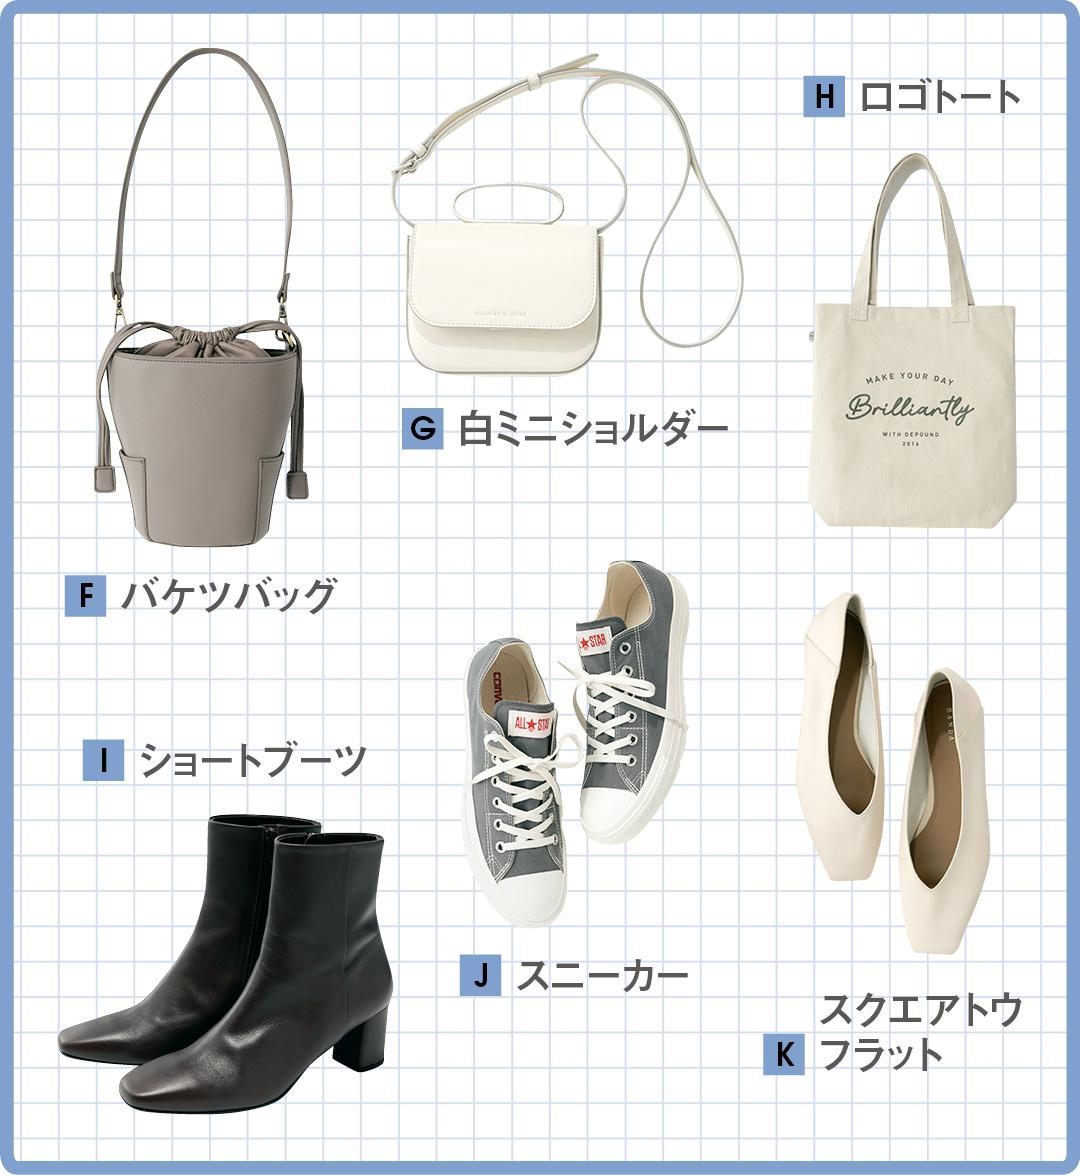 実用性と旬を叶えるバッグ&靴